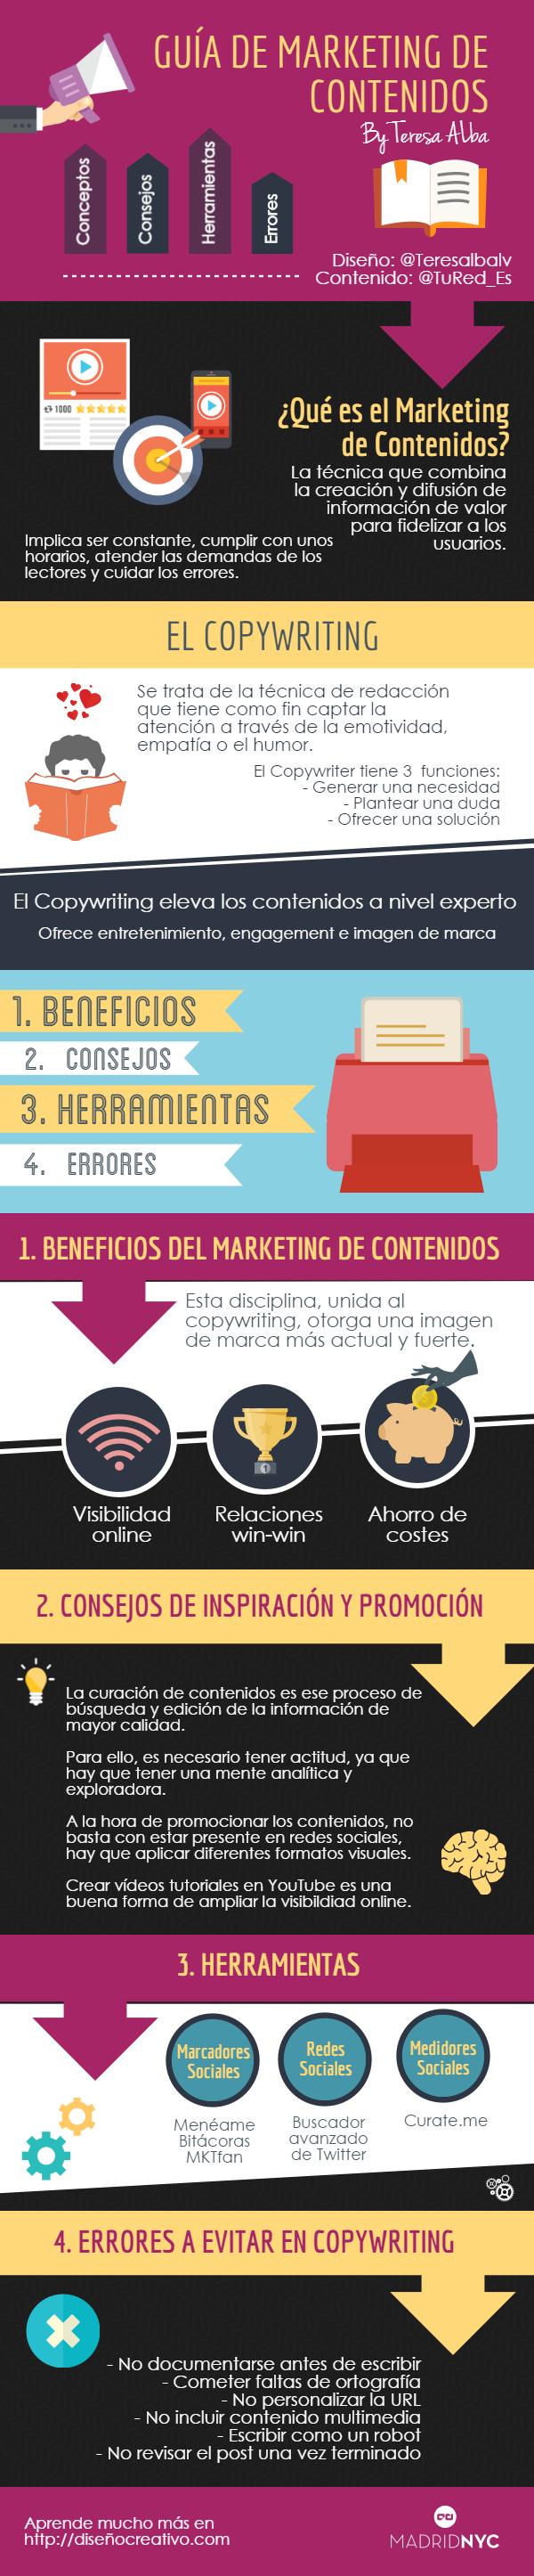 Guía de Marketing de Contenidos